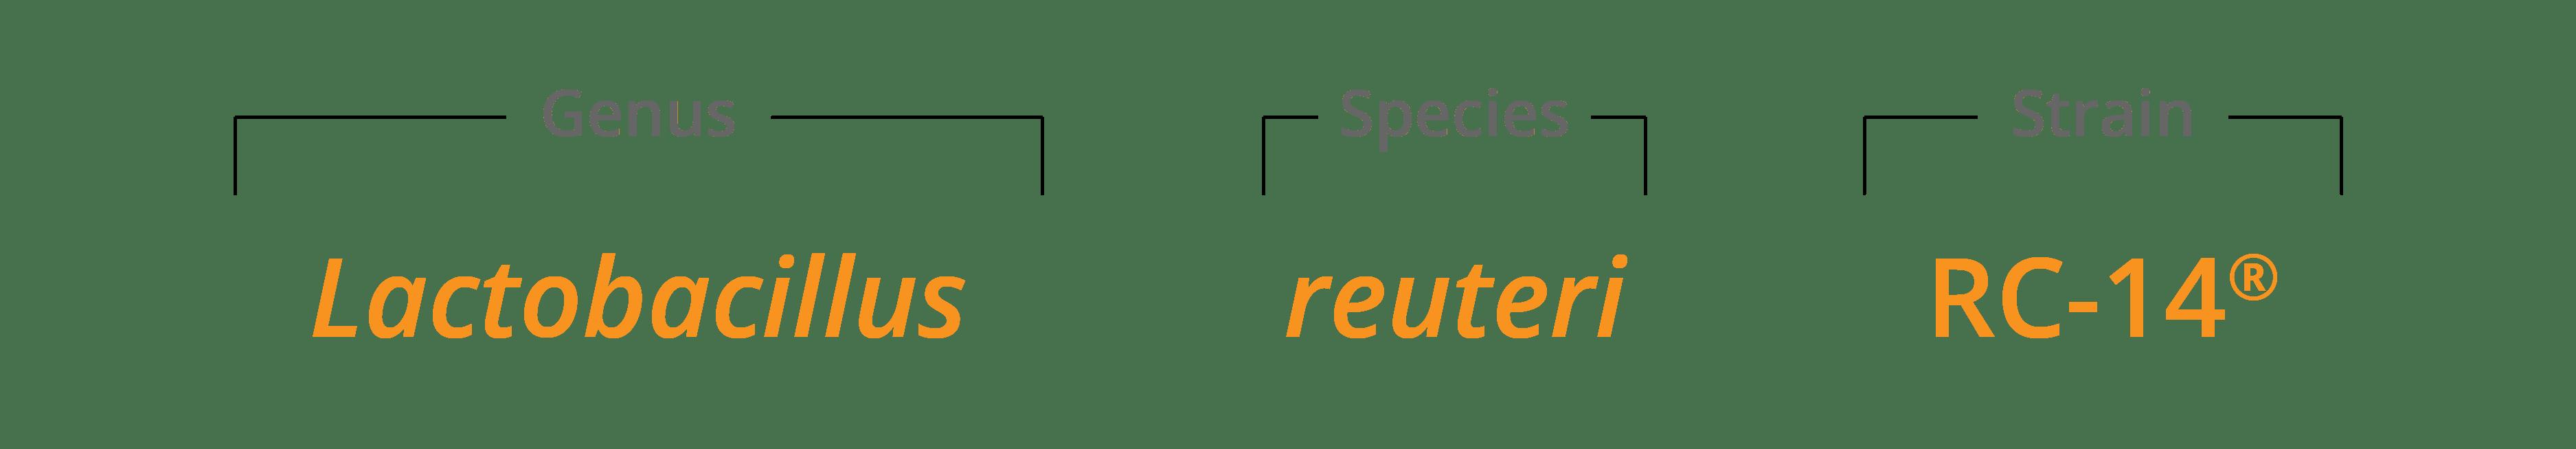 Lactobacillus reuteriRC-14 genus species & strain